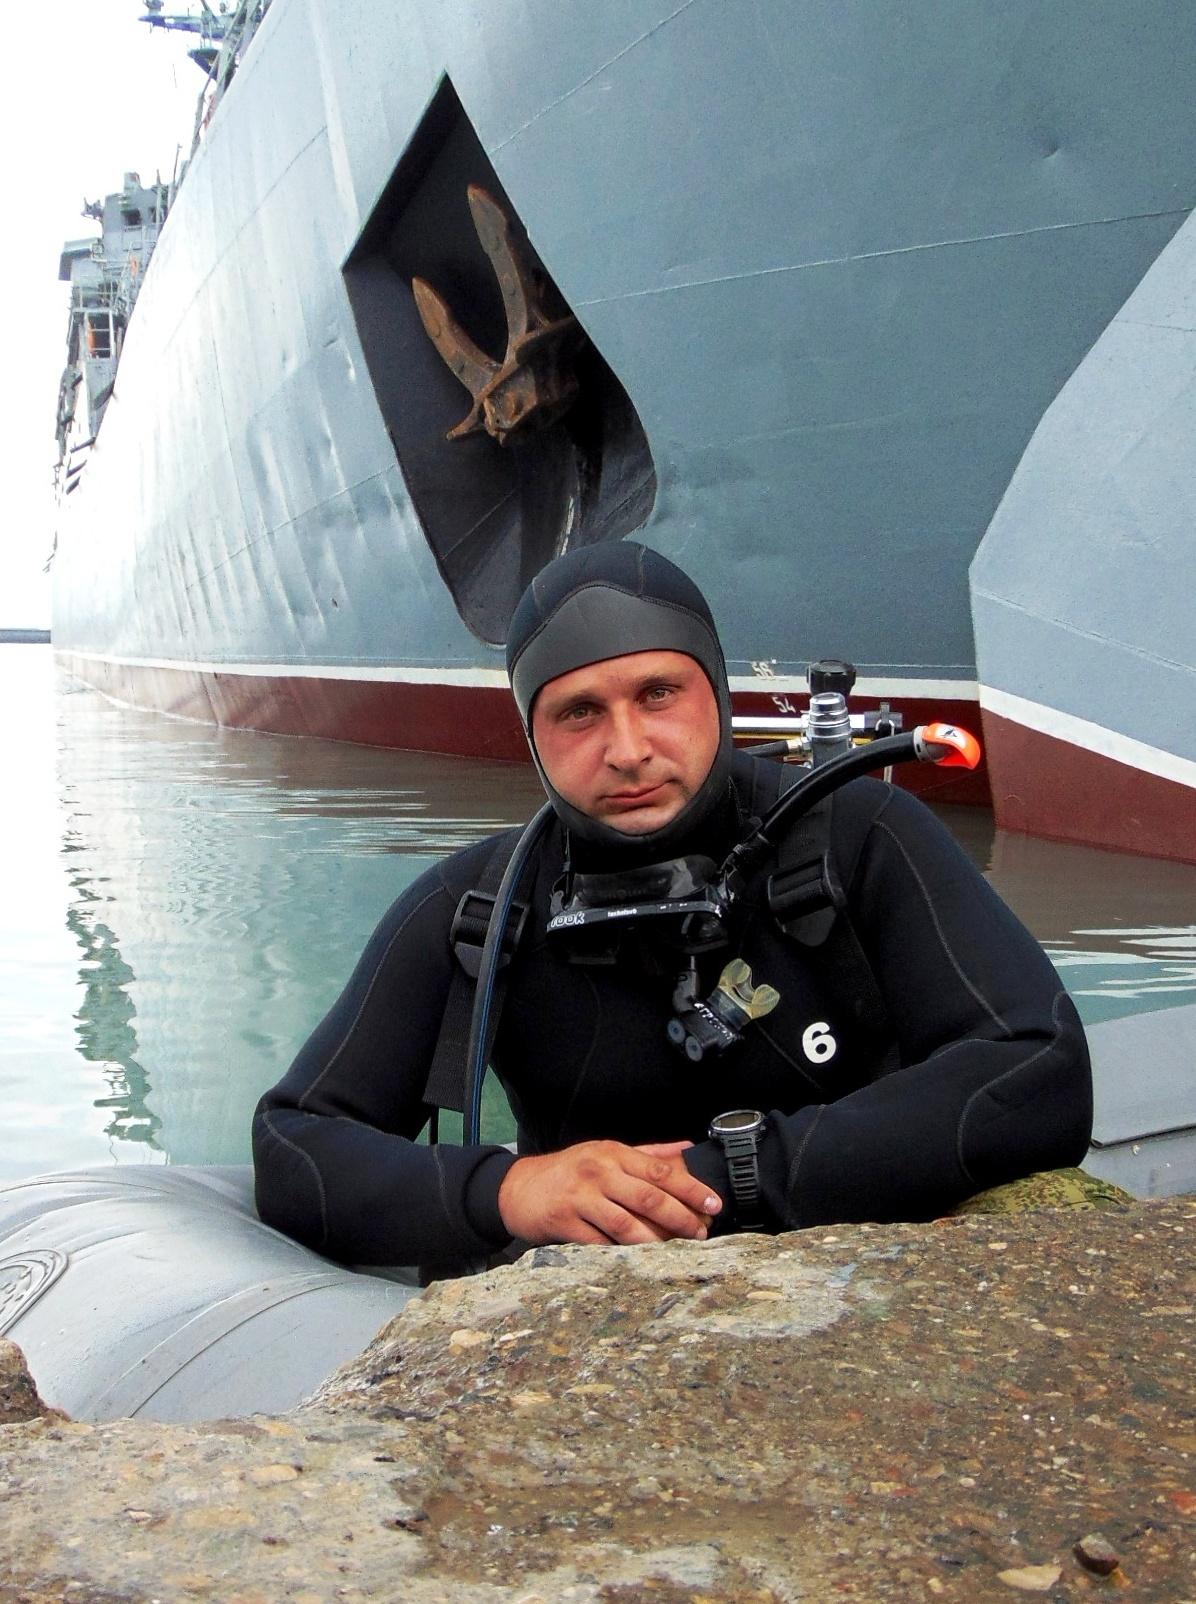 Командир спецподразделения боевых пловцов Сергей Скиба.